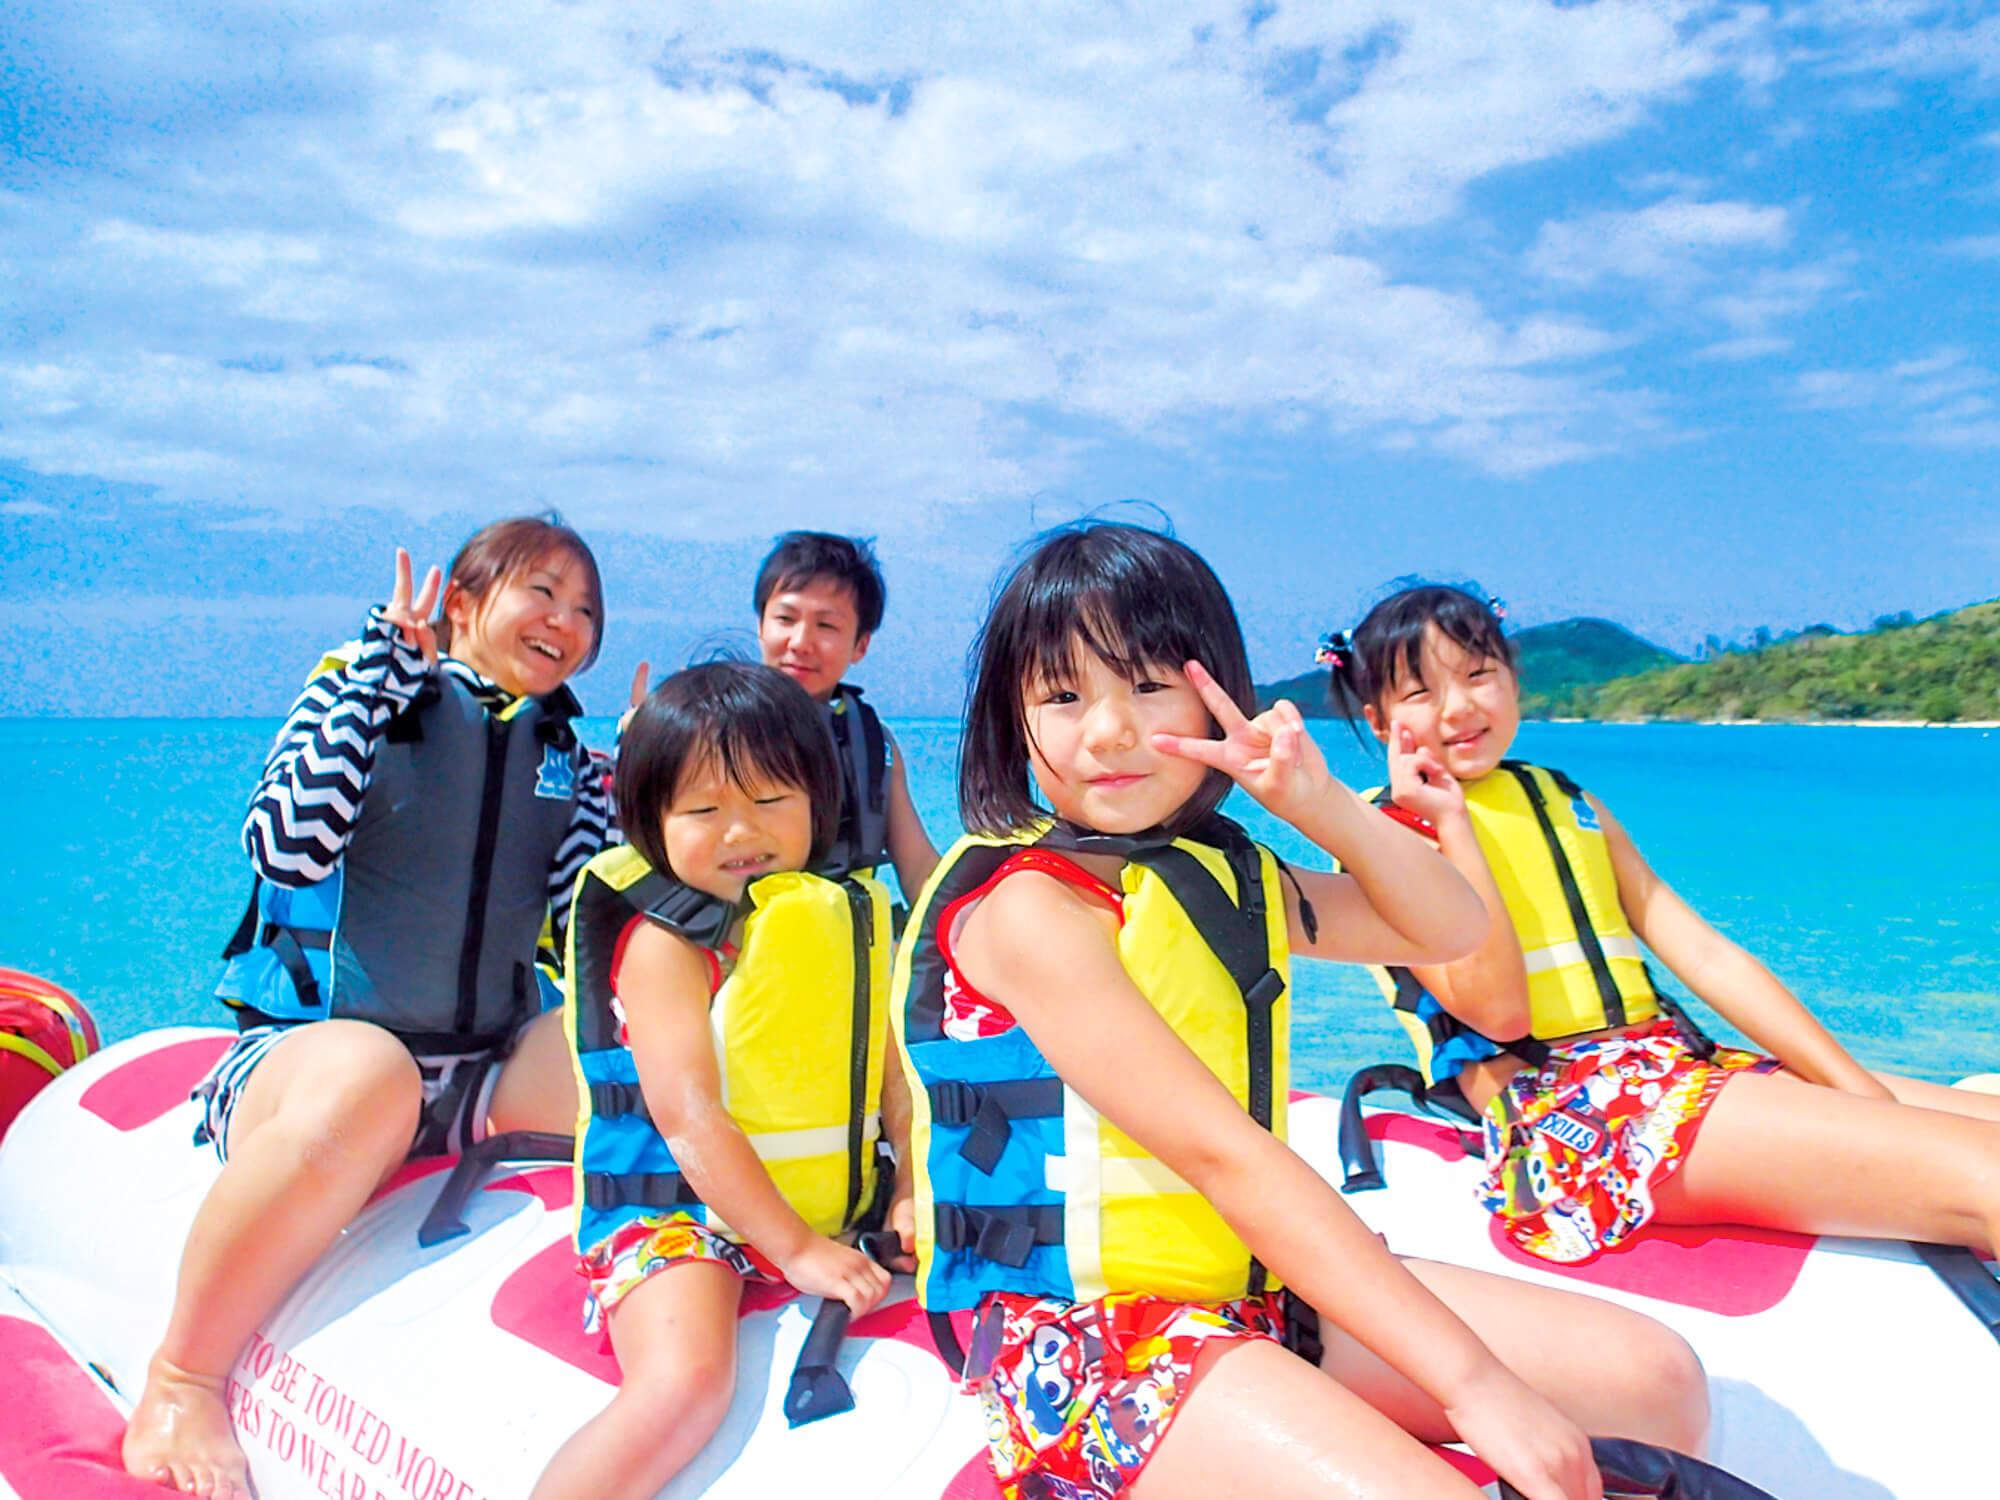 石垣島ウェイクボード